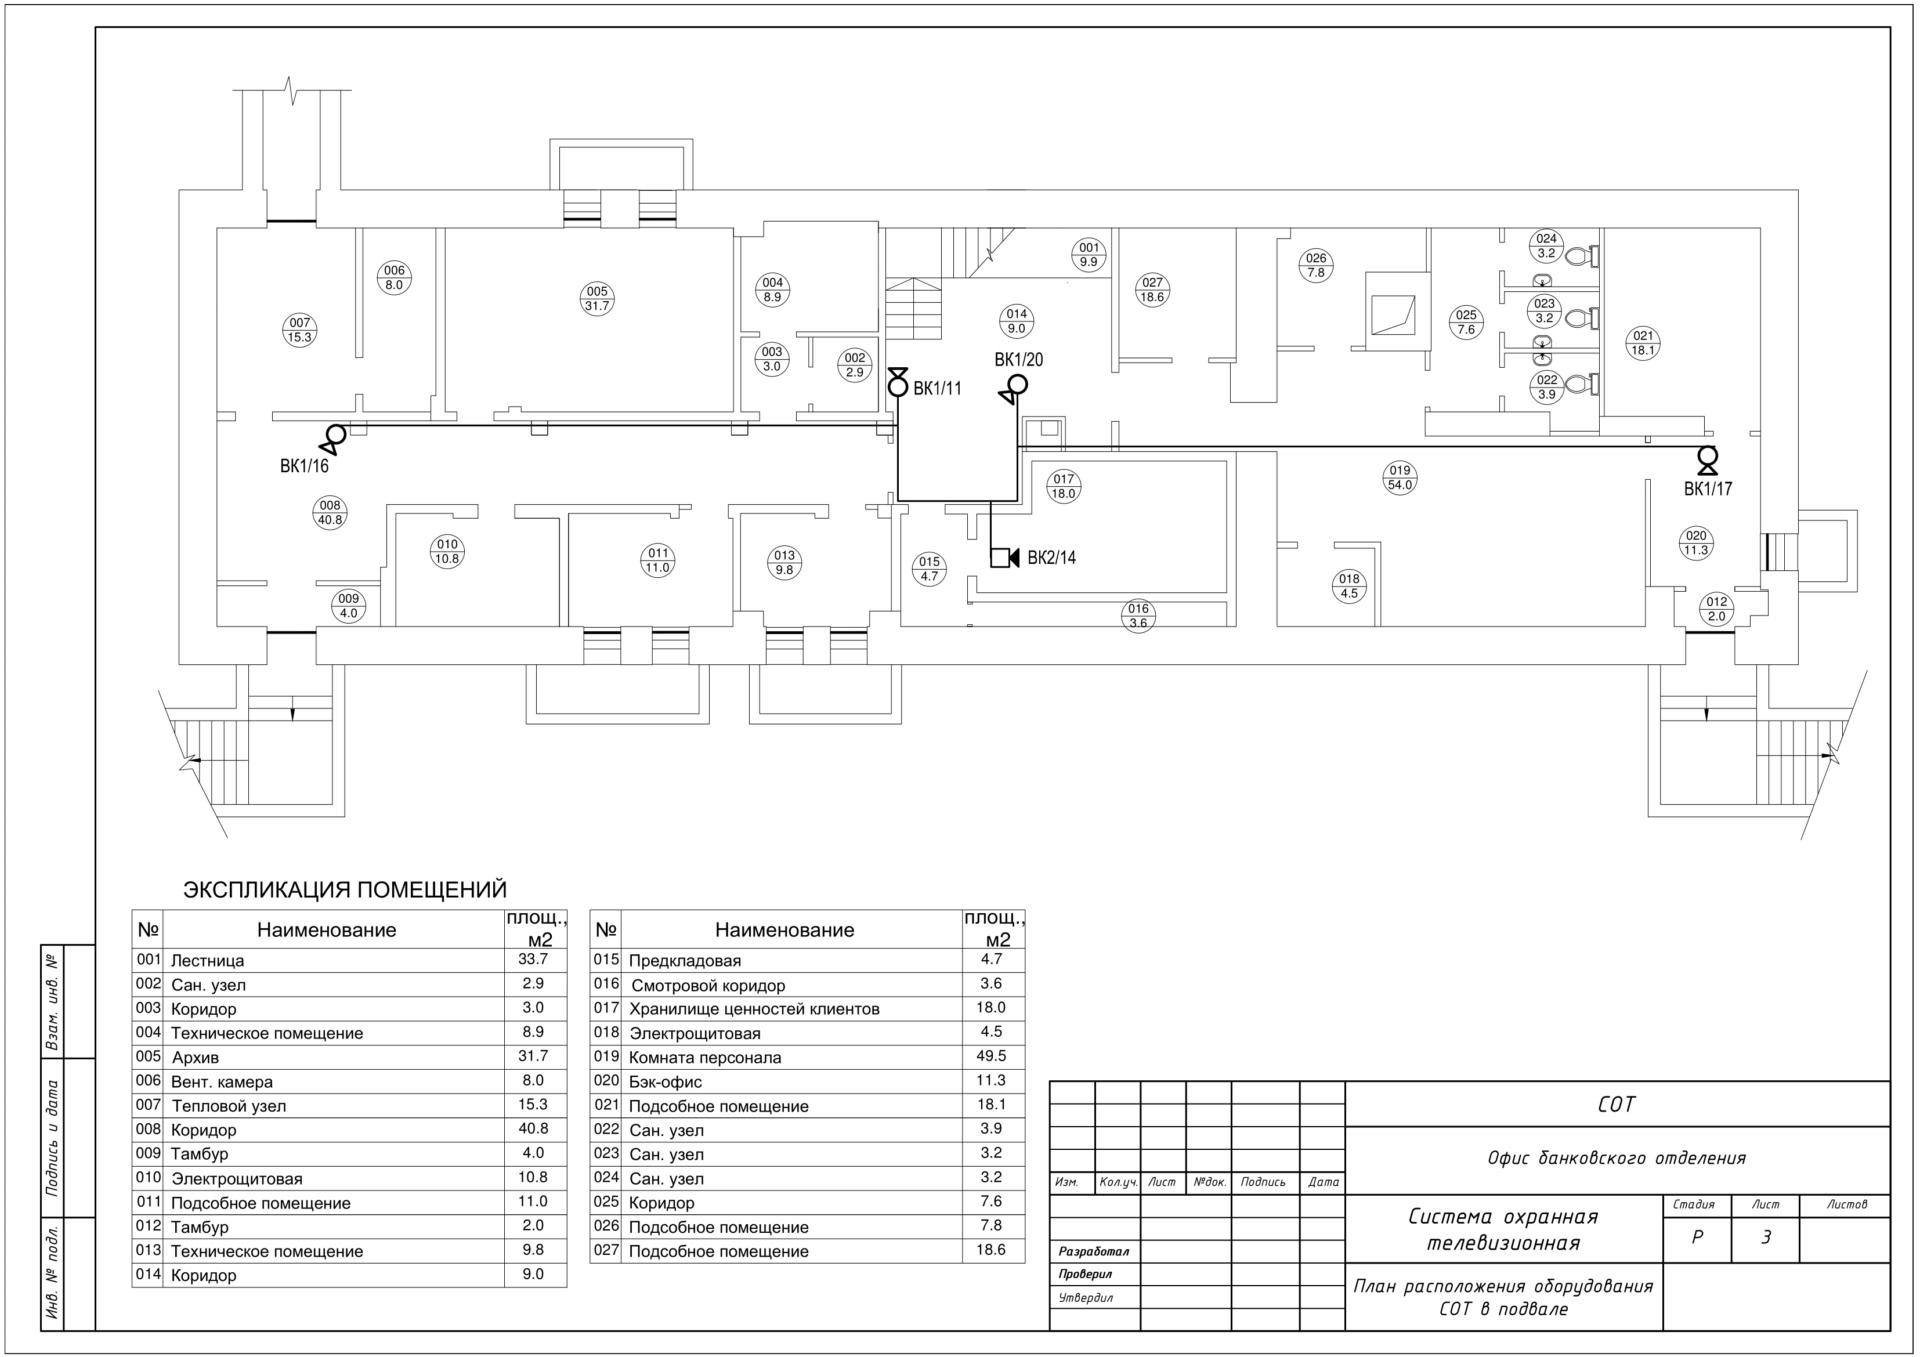 Проект системы охранной телевизионной (СОТ) офиса